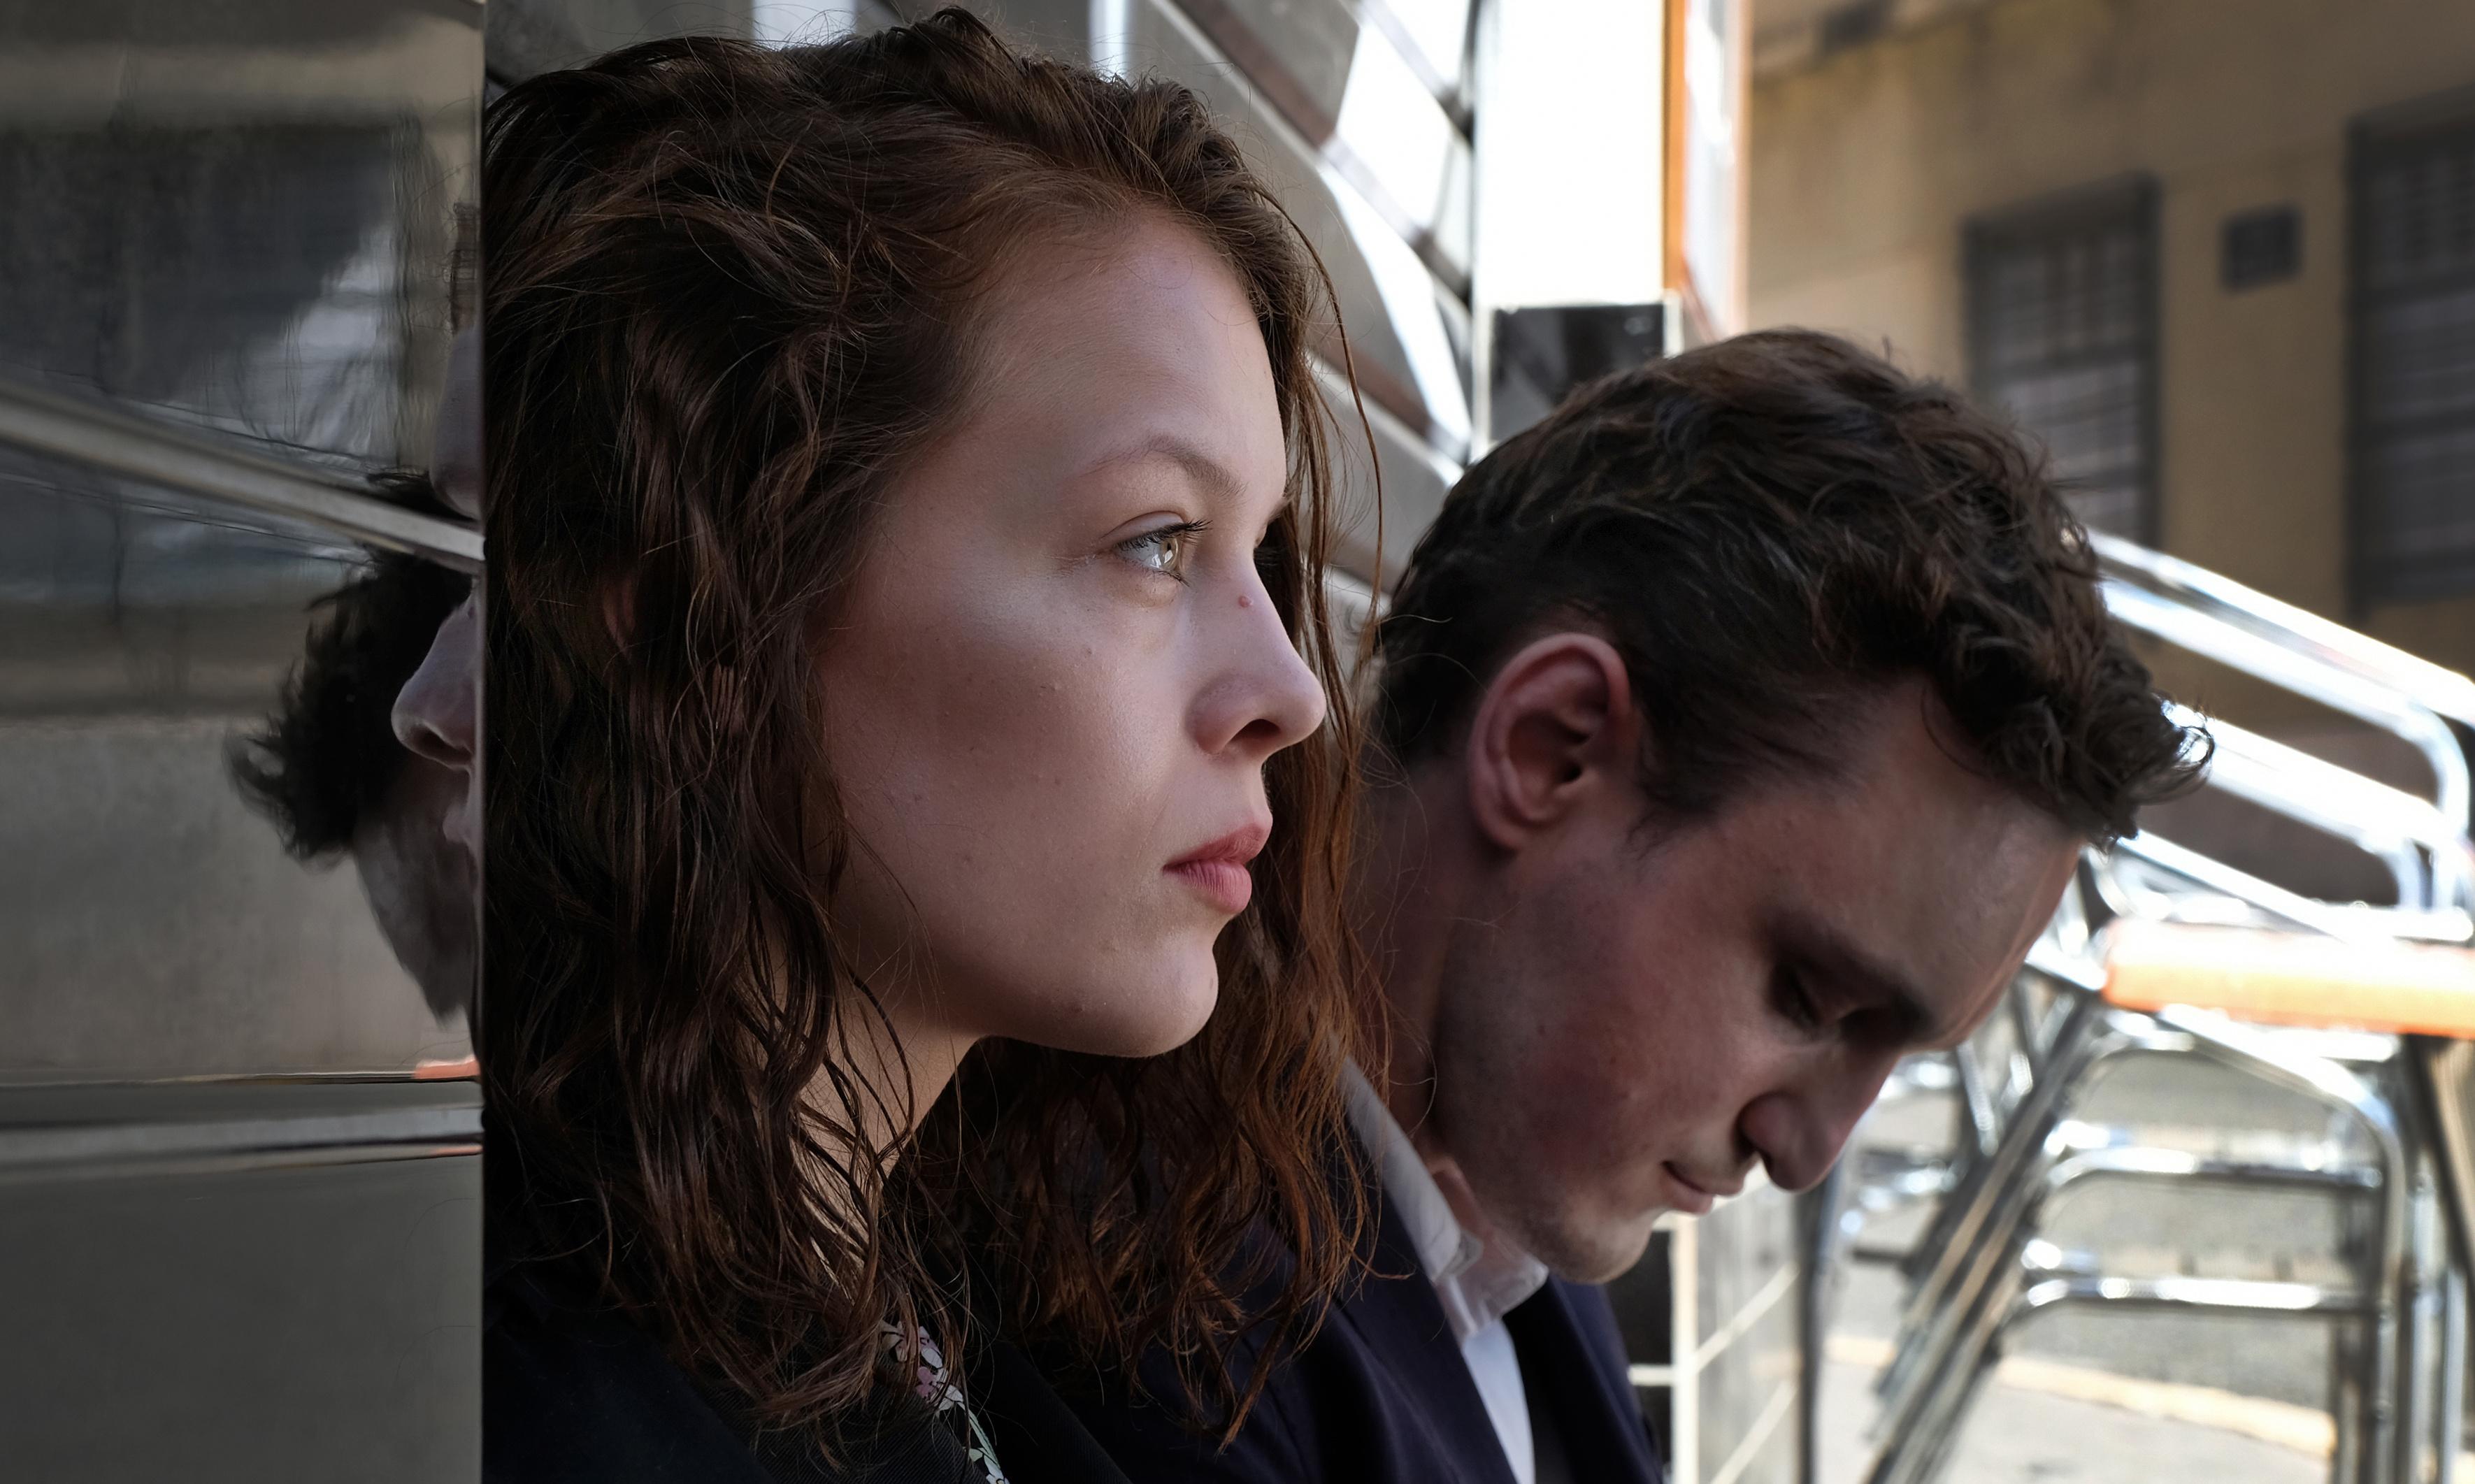 Transit review – taut German thriller